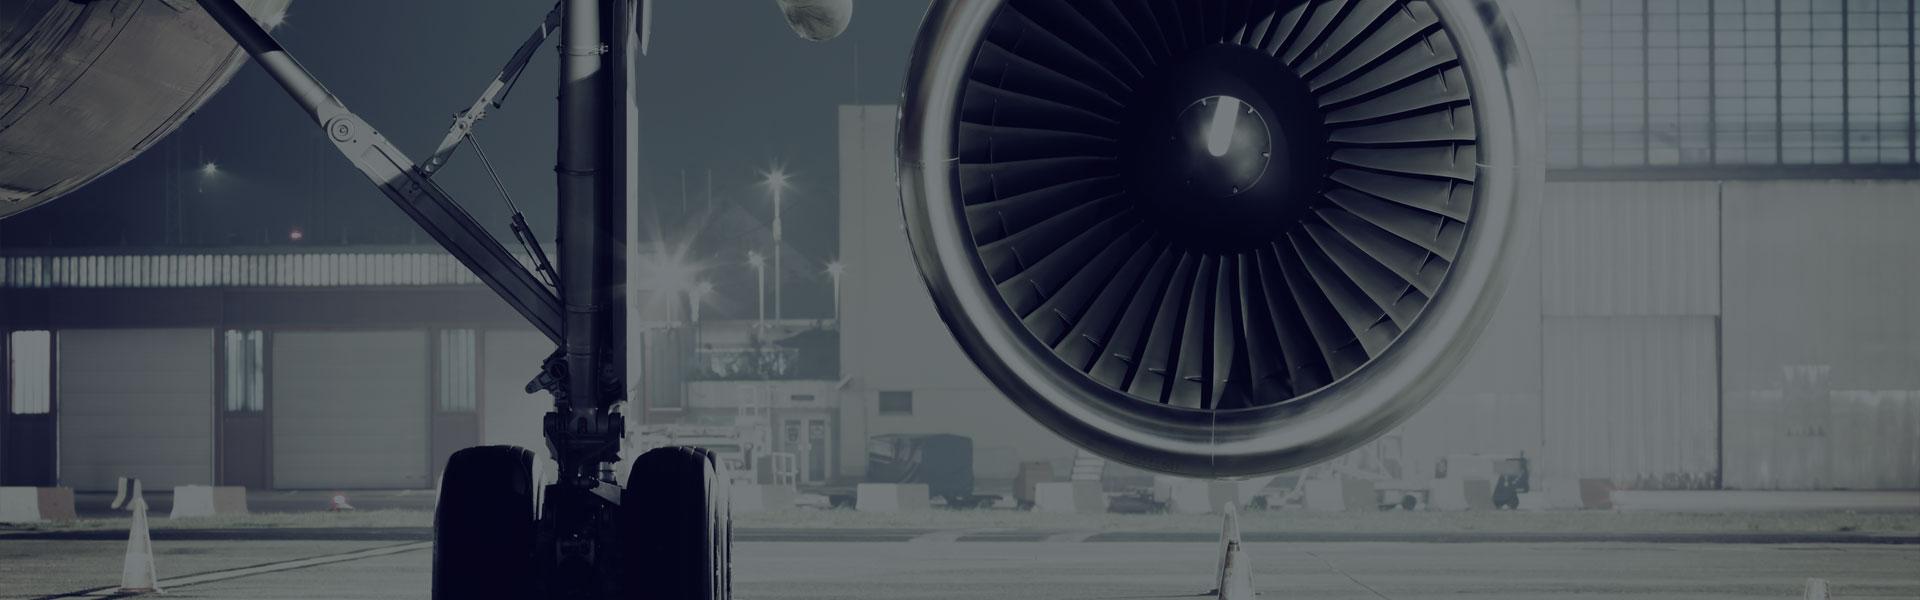 انتقال سریع و مطمئن کالا با خطوط هوایی